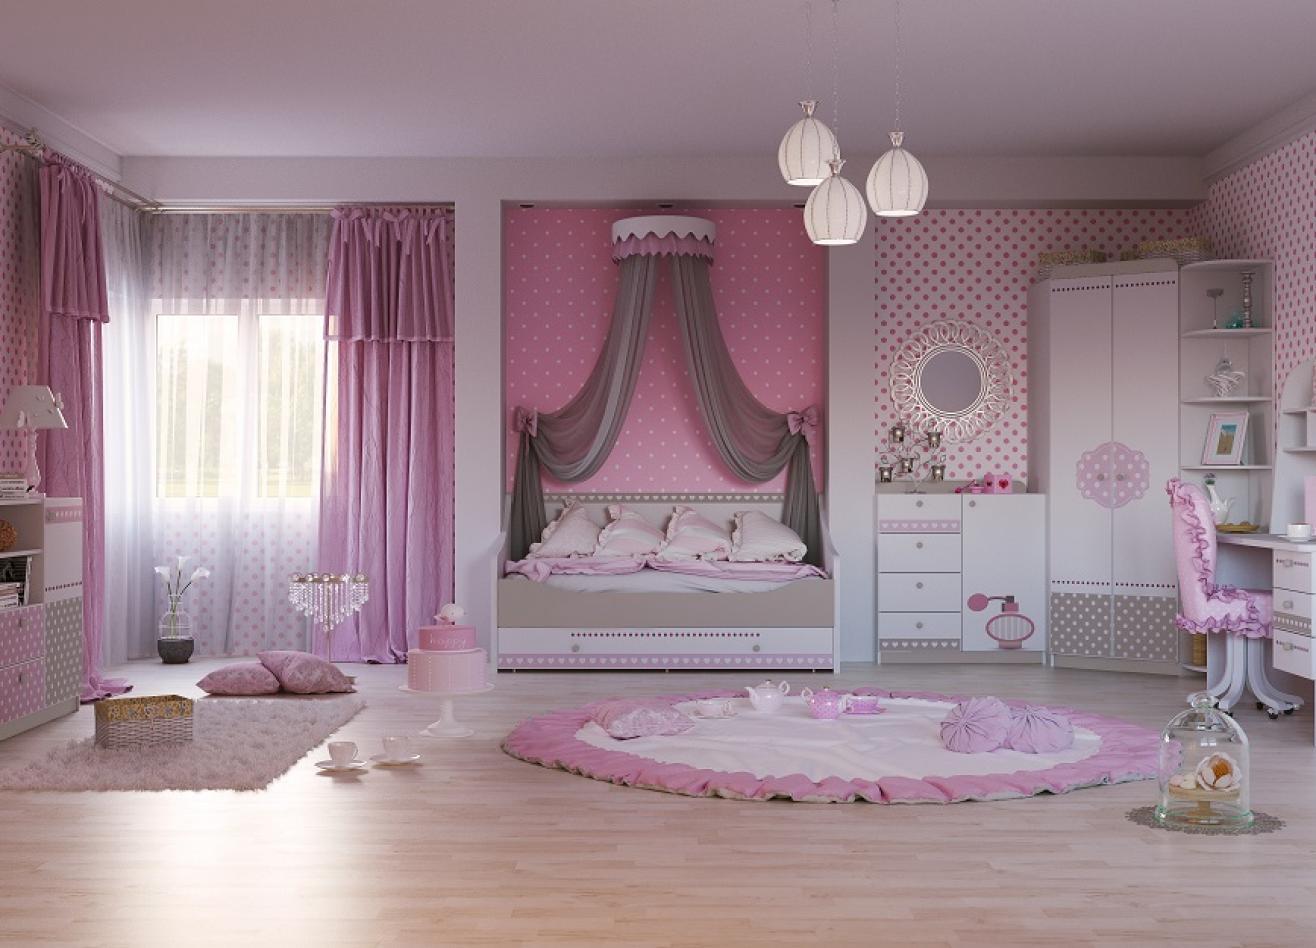 Коллекция детской мебели Mon coure